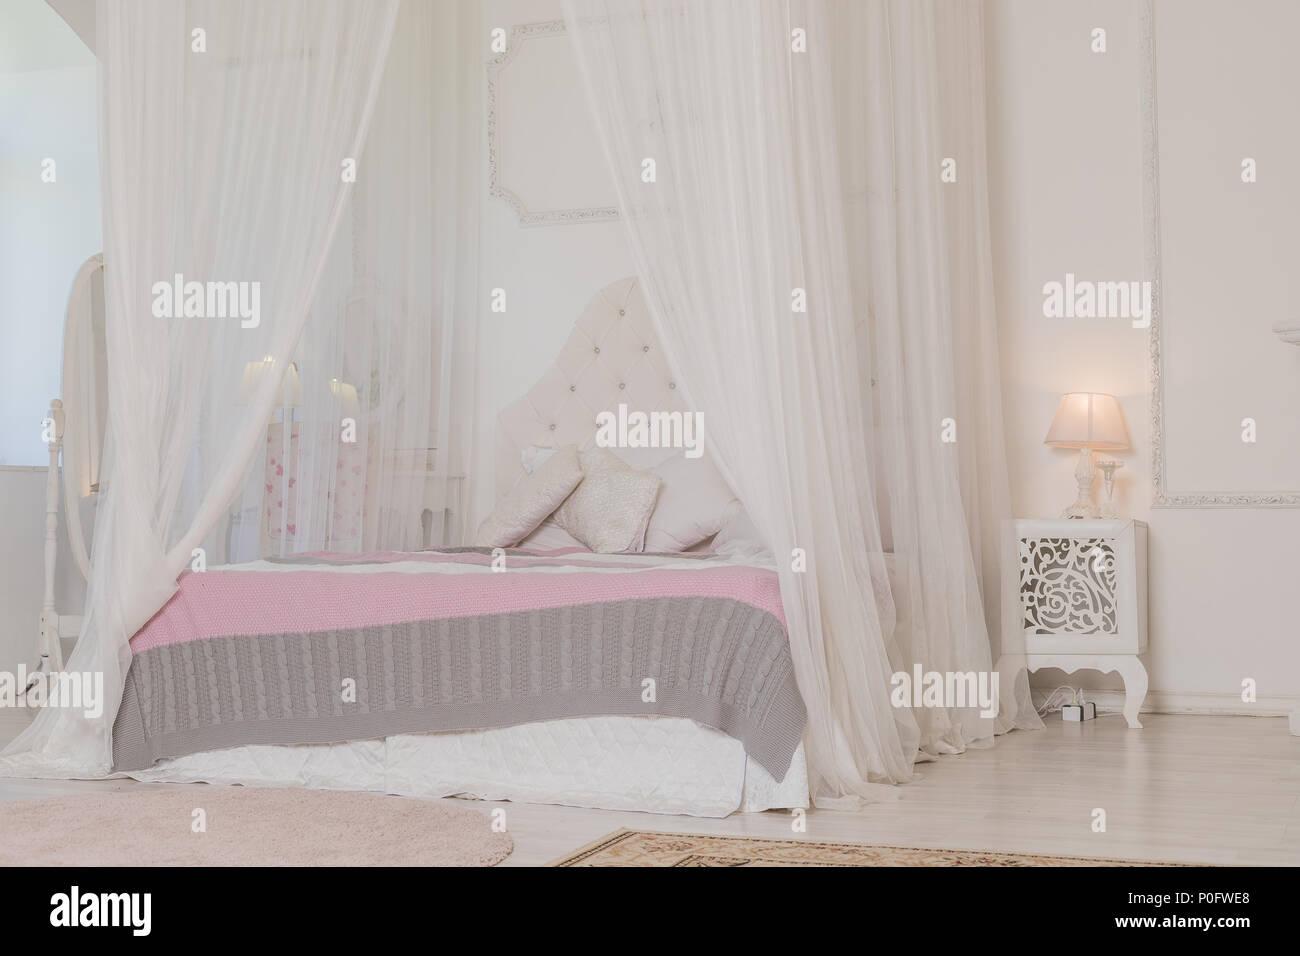 Schlafzimmer In Sanften Hellen Farben Mit Holzfußboden. Großes Bequemes  Himmelbett Doppelbett In Eleganten Klassischen Schlafzimmer.